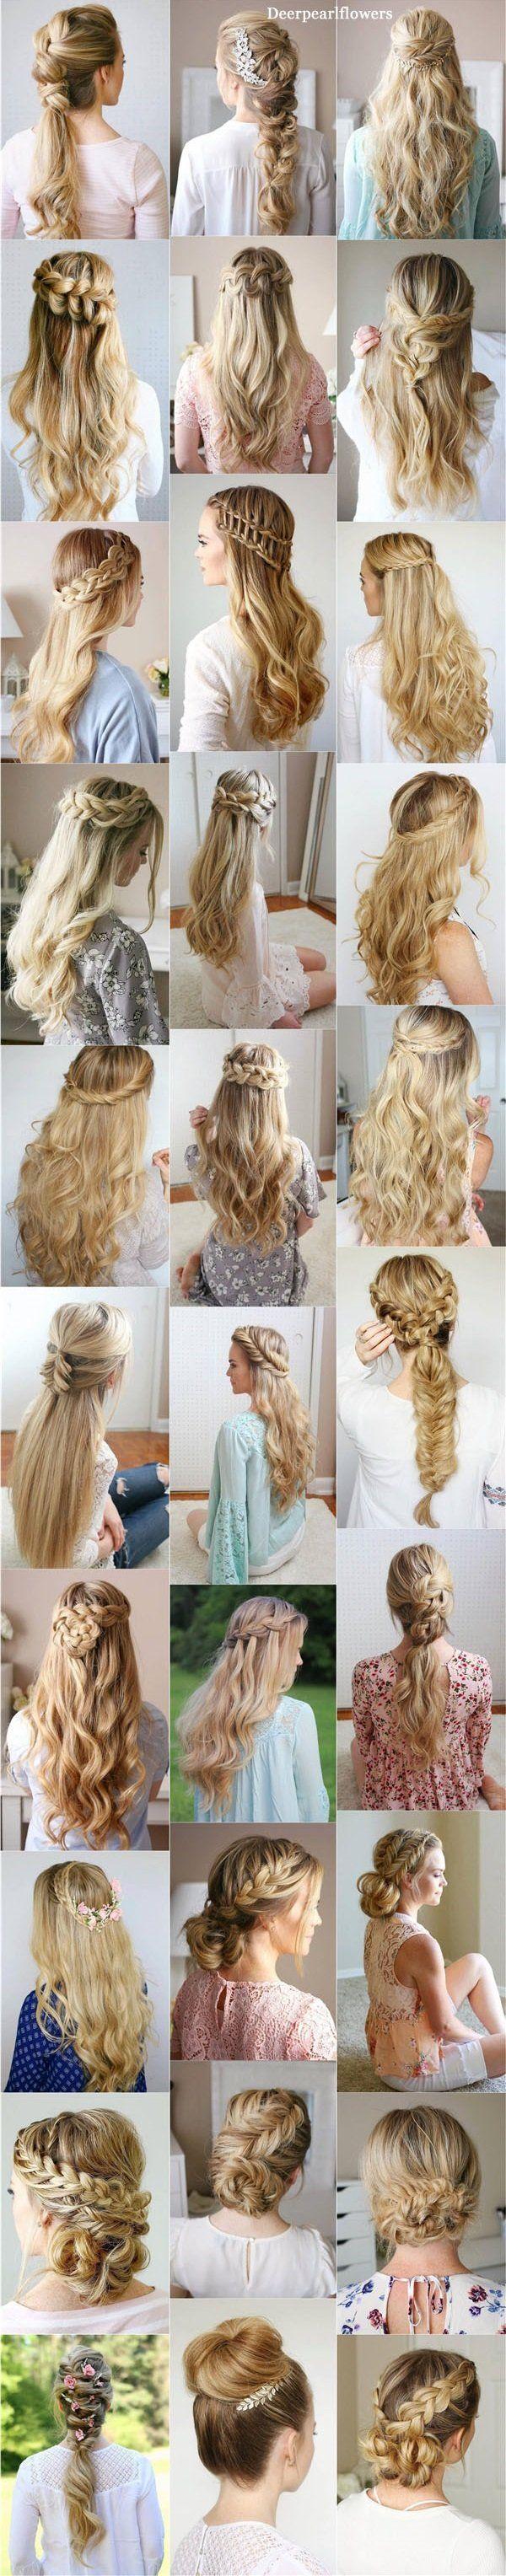 düğün saç modelleri abiyetopuzmodelleri